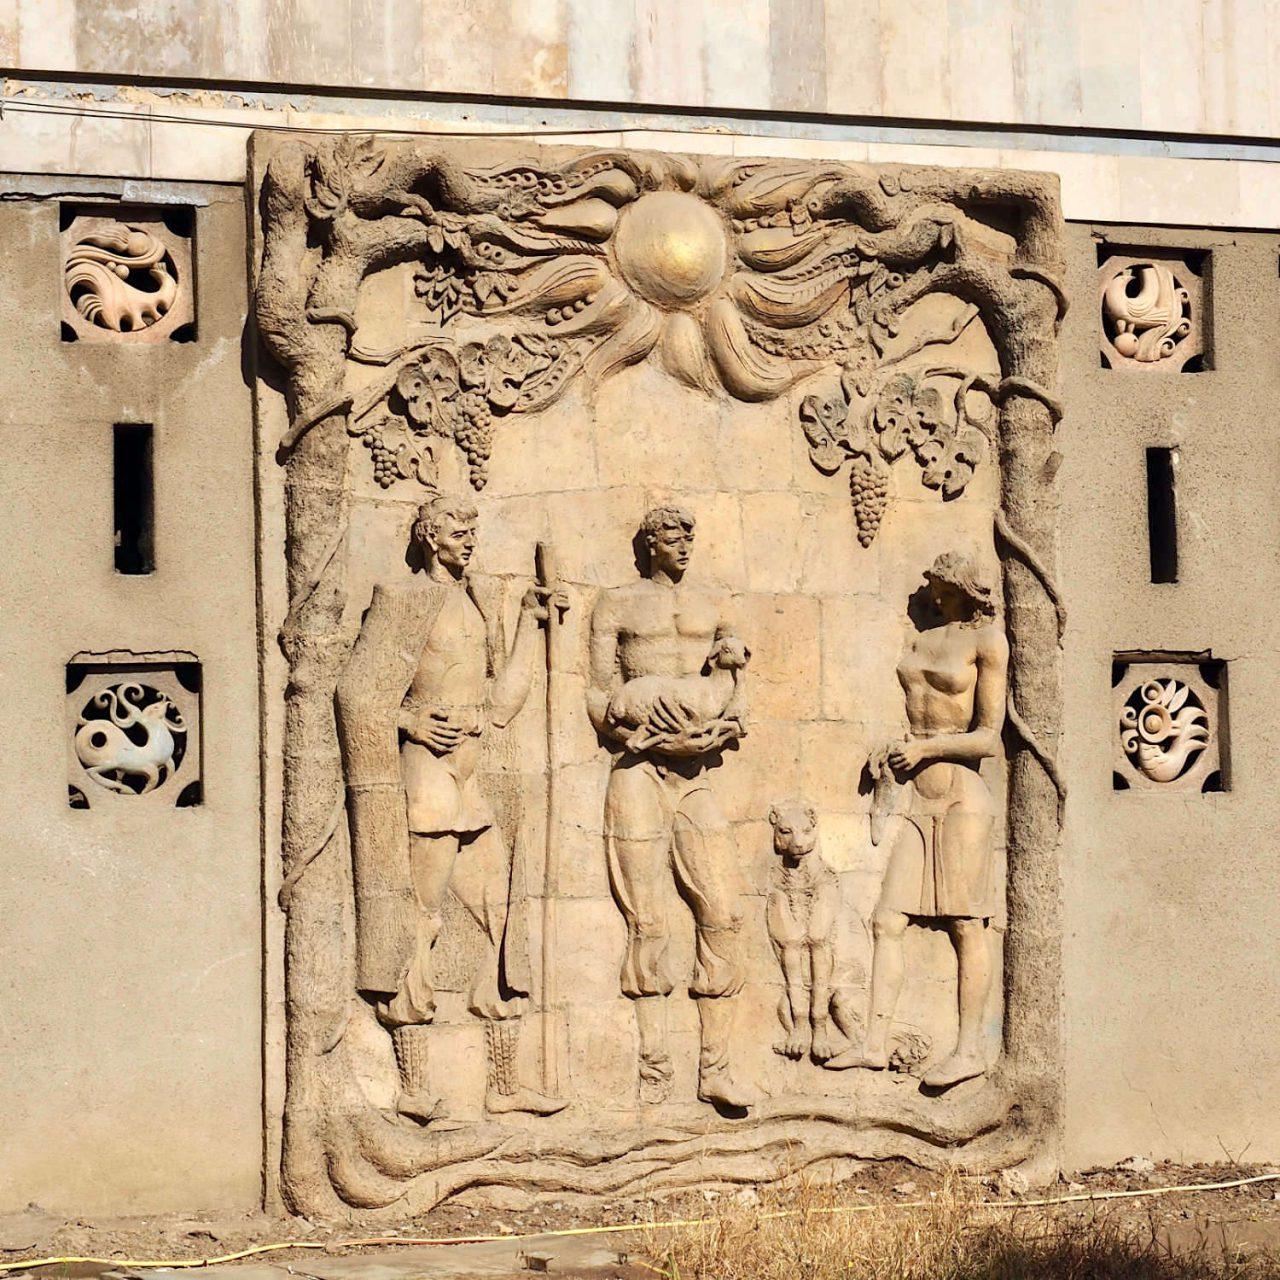 Kunst am Bau. Die unter den Sowjets beliebten Schmuckreliefs an öffentlichen Bauten zeigen am Energiezentrum heroische Arbeiter beim Strippenziehen, verklären aber auch das Leben auf dem Land. Für die Menschen der Sowjetunion war Georgien auch der Traum vom Leben im Süden.